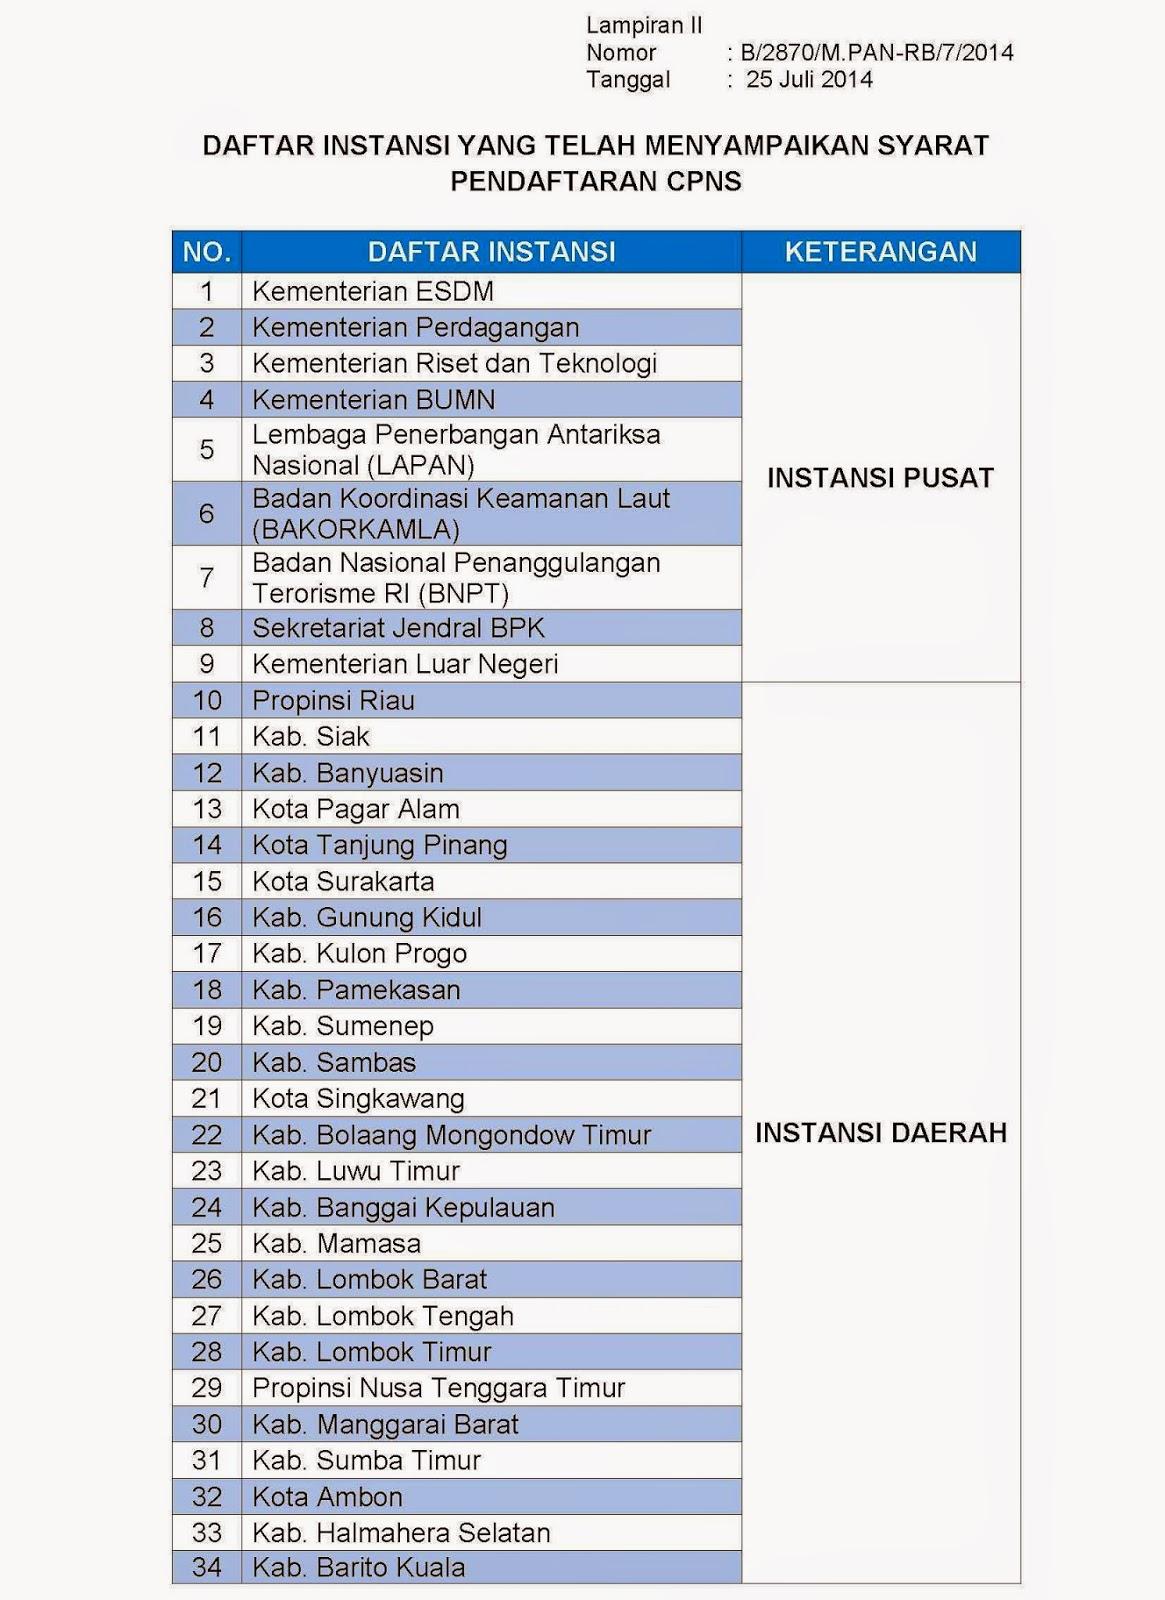 Terhitung sampai tanggal 25 Juli 2014 kemarin, terdapat 34 instansi saja yang sudah menyampaikan syarat pendaftaran CPNS 2014.